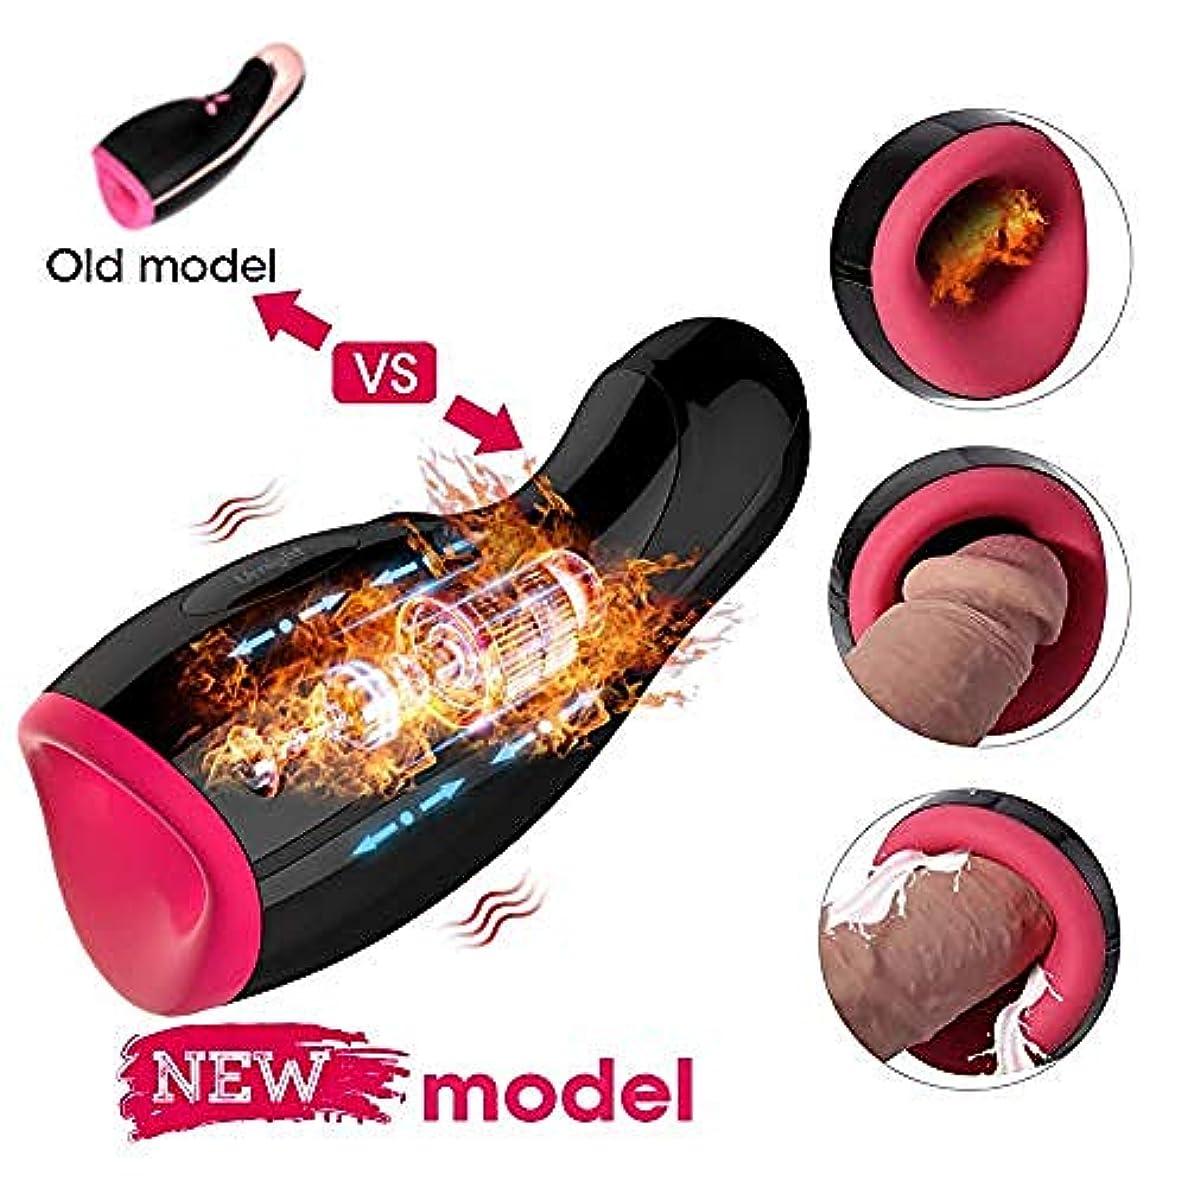 委任する信念この7つの振動モードと自動加熱エロ玩具を備えた電動オナニーカップパルス機能を備えた男性口腔フェラチオオナニー